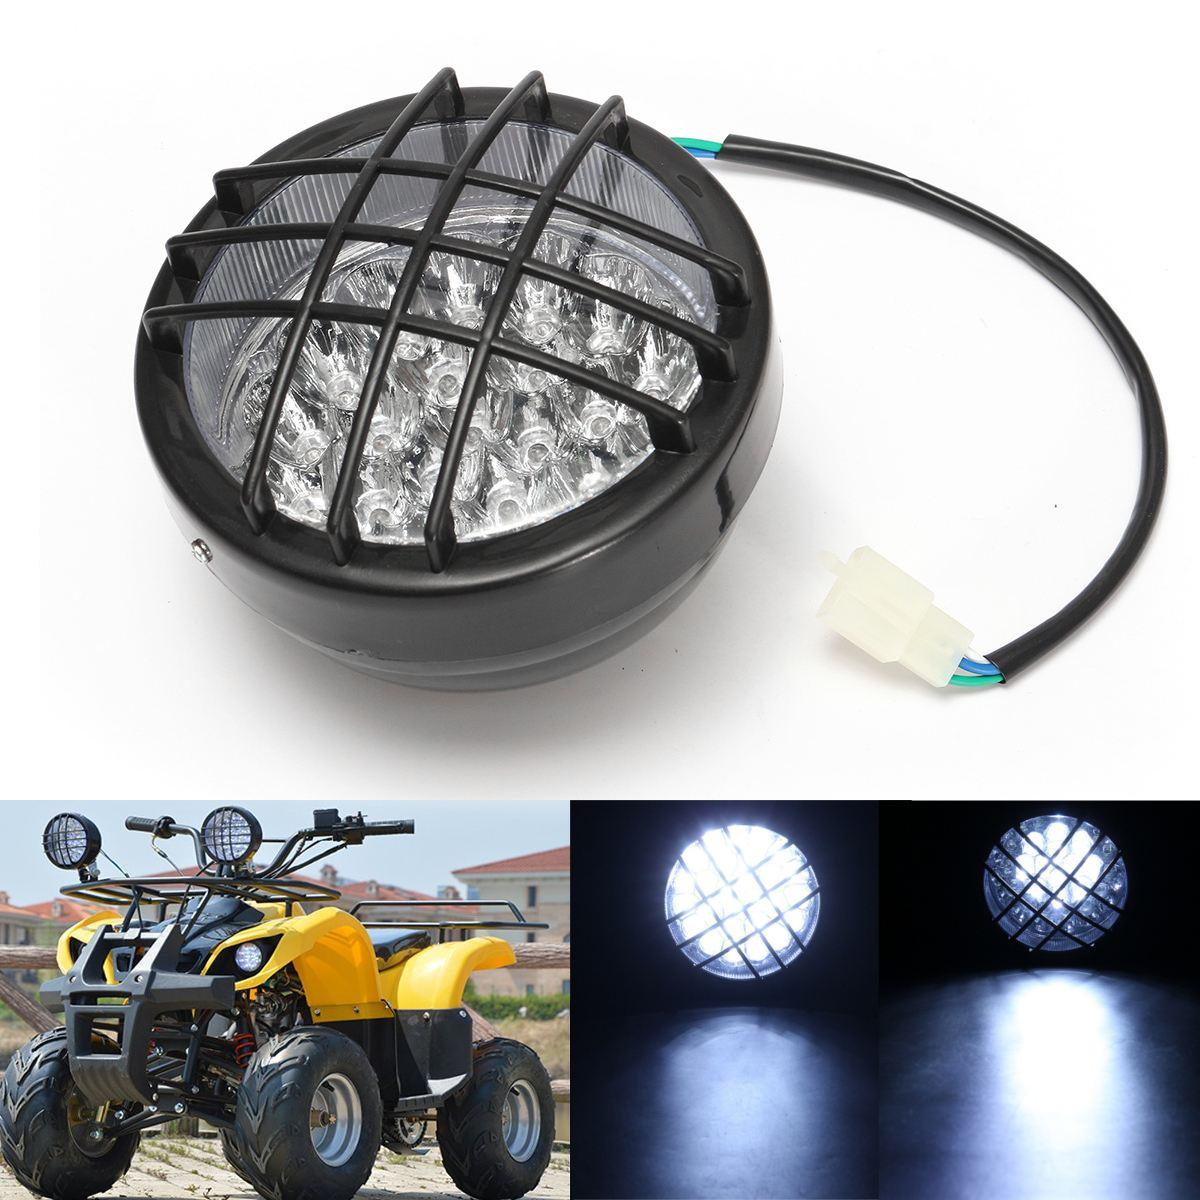 12V Front 27 LED Motorbike ATV Headlight Fog Lamp Spotlight For ATV Quad 4 Wheeler Go Kart Roketa SunL Taotao